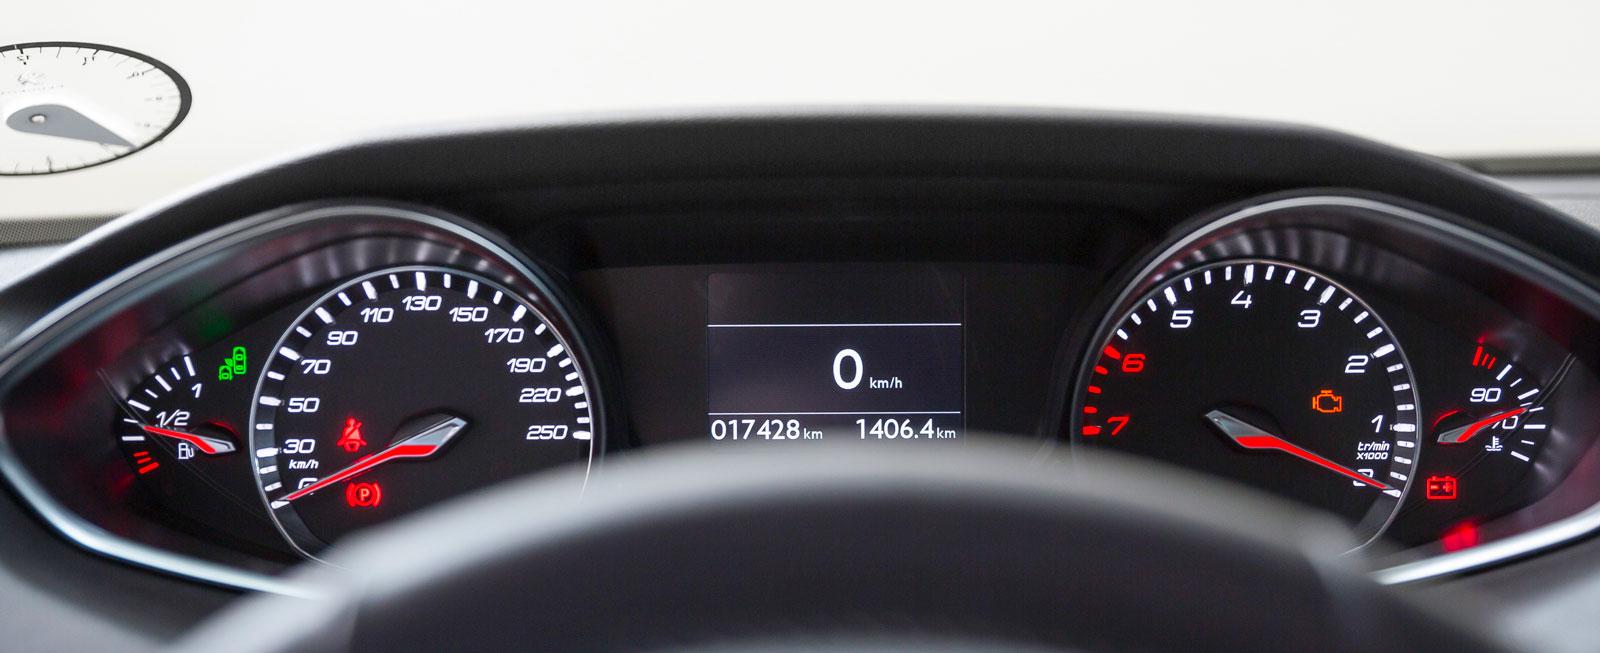 Peugeots högt placerade mätartavlor sitter skelögt långt ifrån varandra och är svåra att överblicka. Som tur är finns även en digital hastighetsmätare mitt framför förarens ögon.